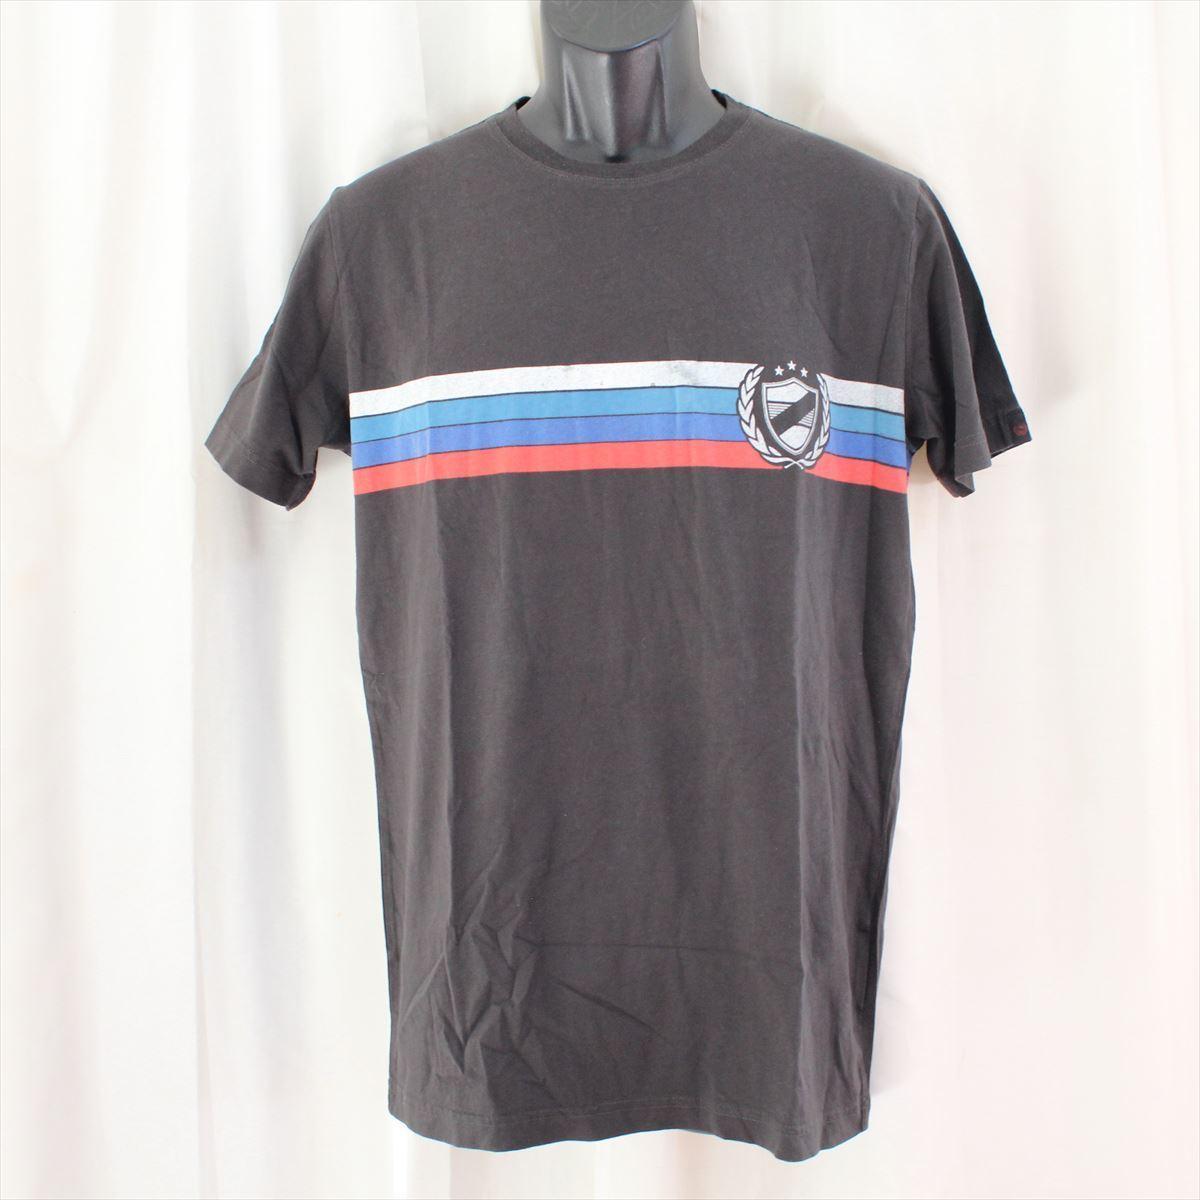 ゼインローブ ZANEROBE メンズ半袖Tシャツ ブラック Sサイズ 新品_画像1